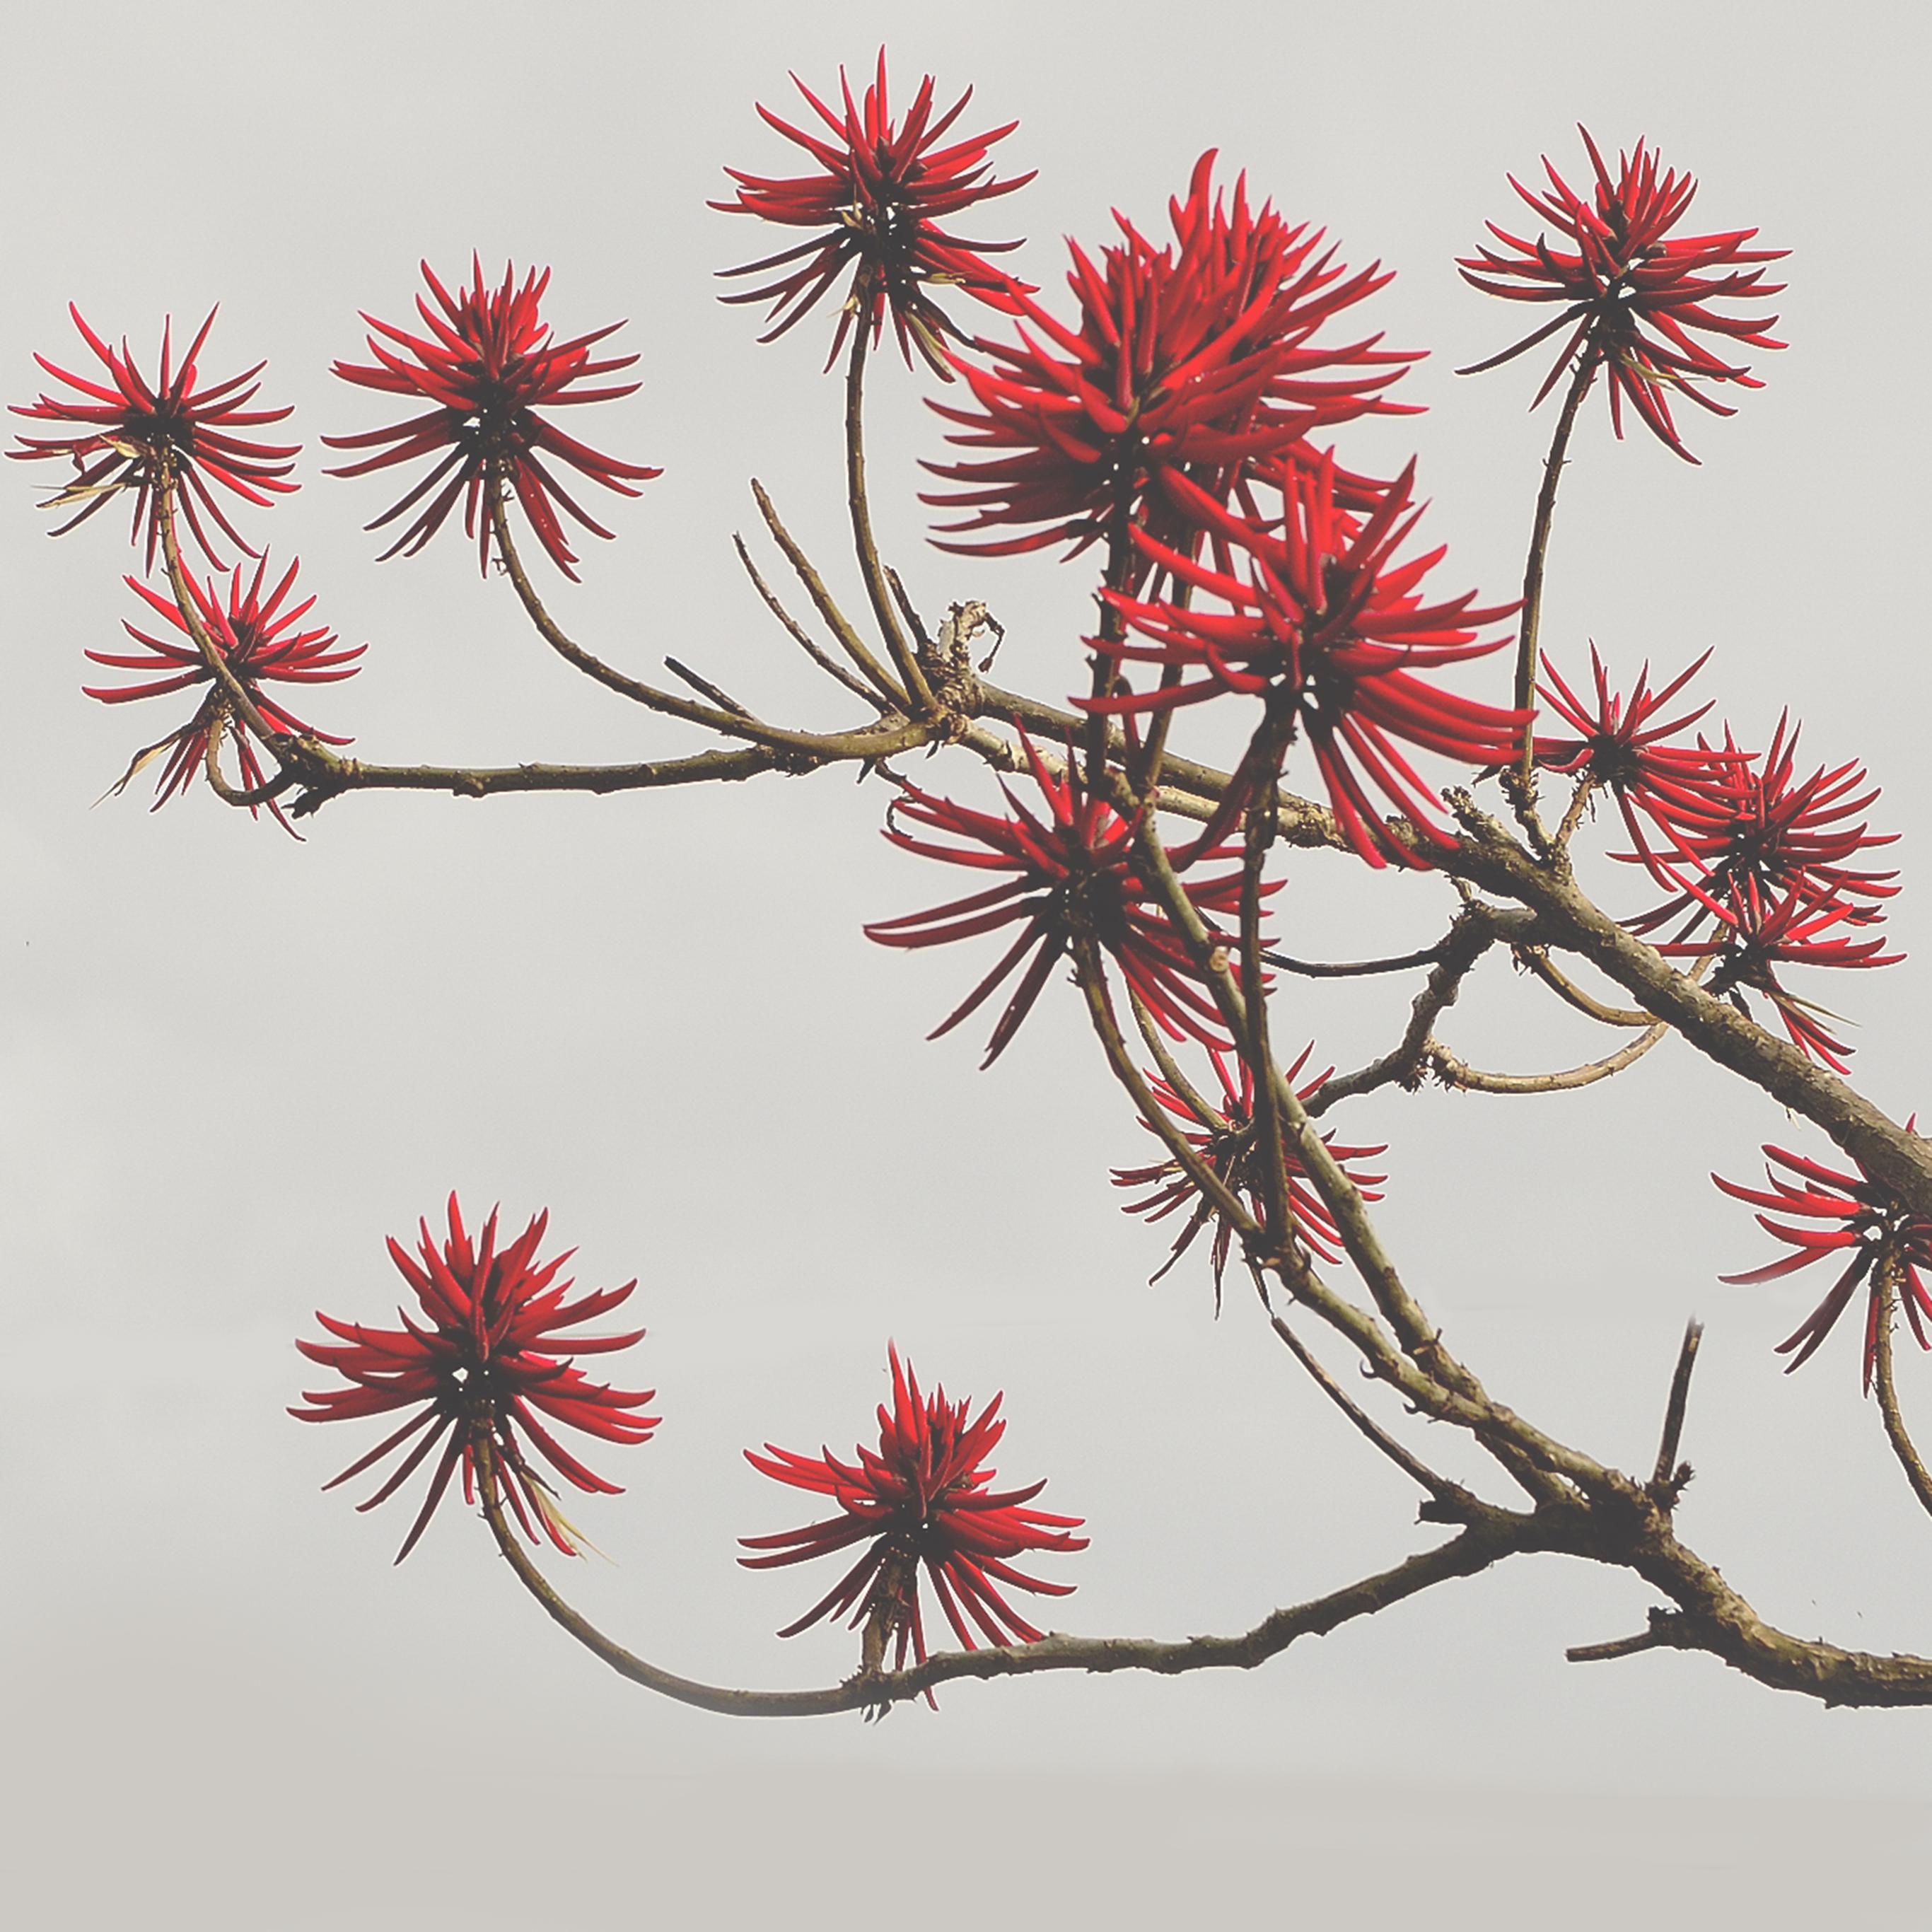 天空 树 枝头上的红花